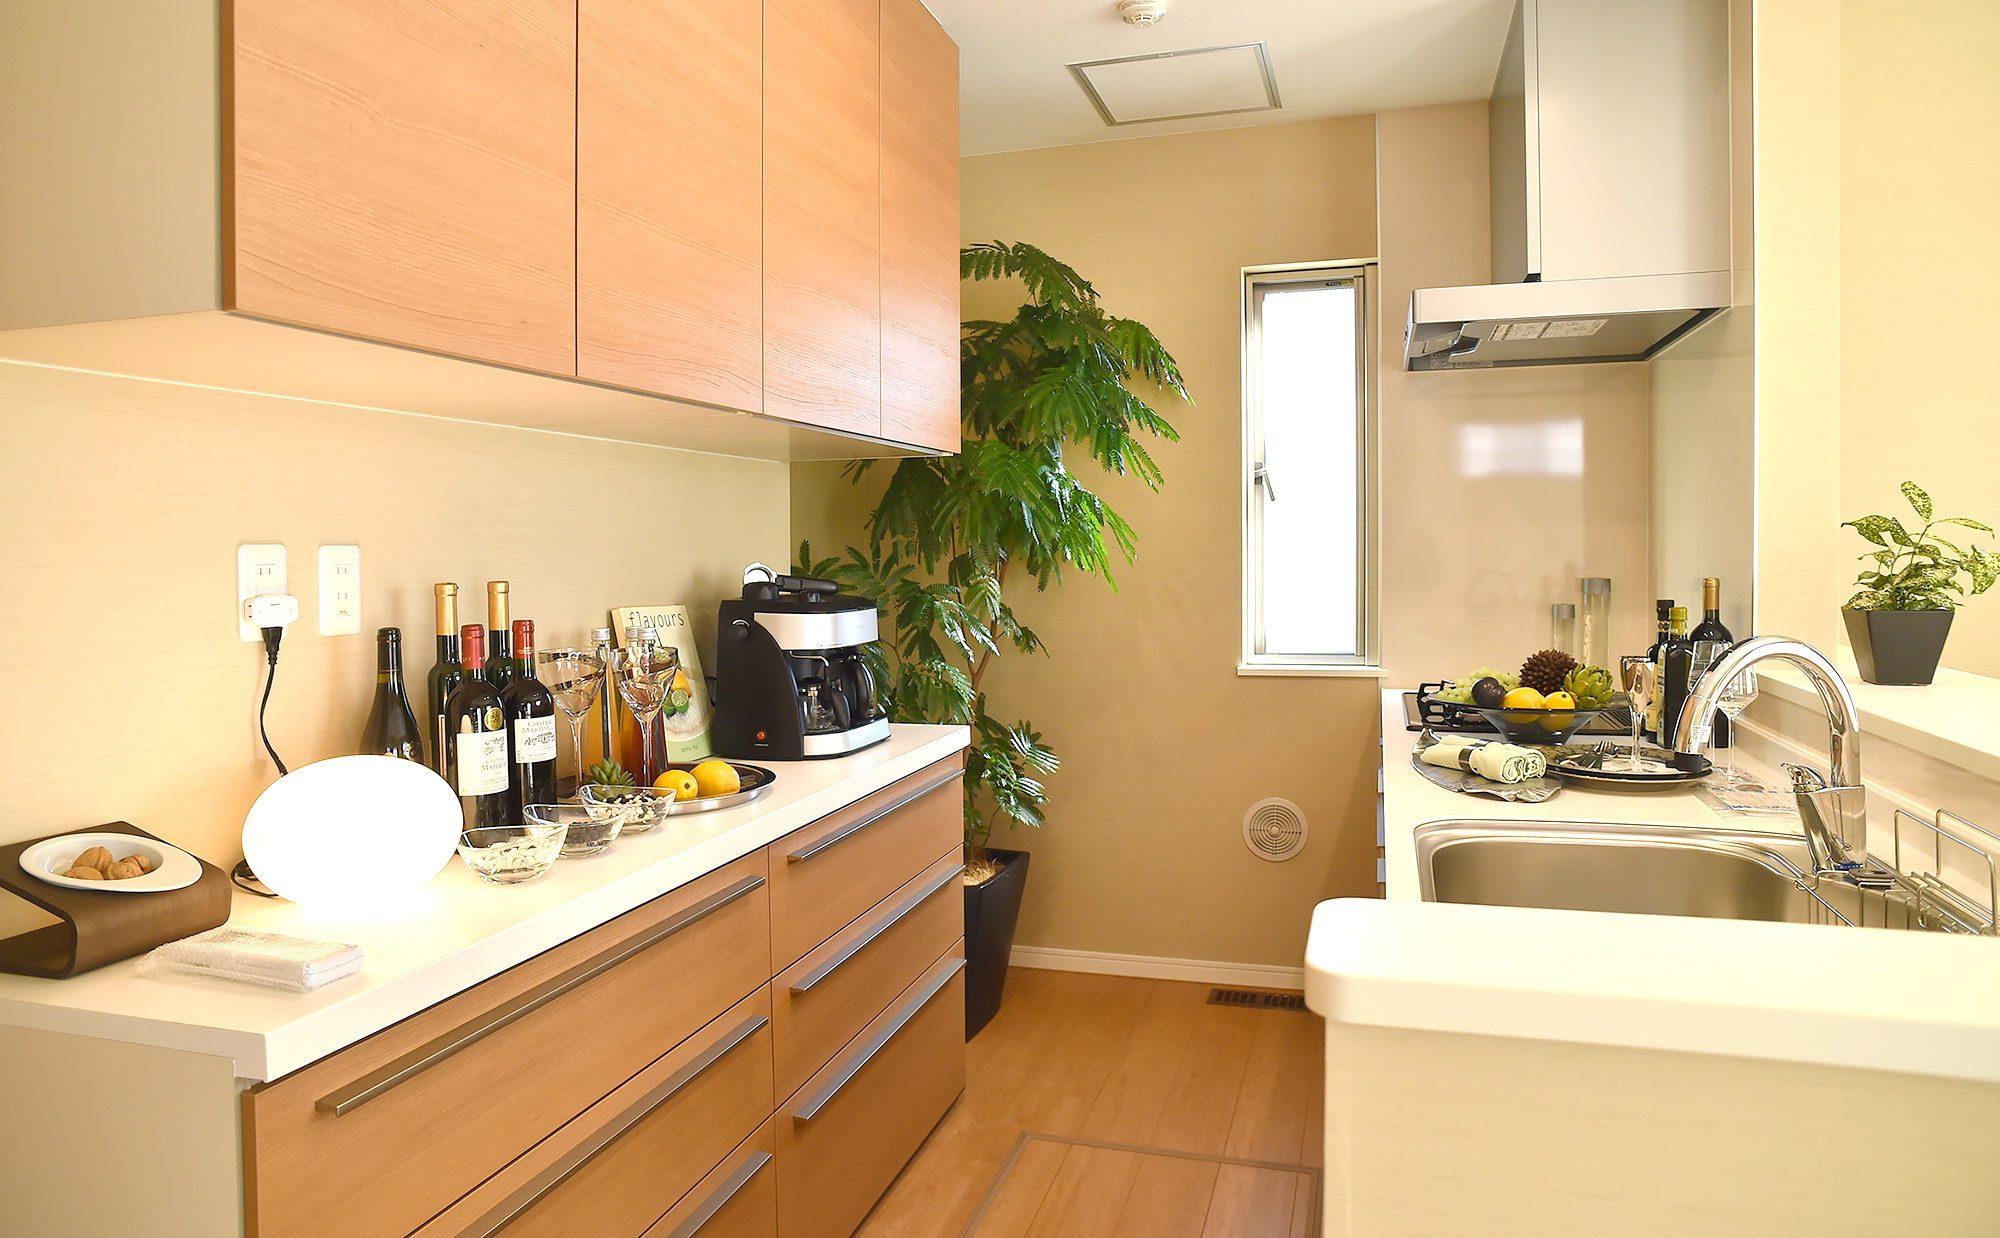 自分にぴったりのキッチンレイアウトはどれ? 料理がしやすい空間づくり